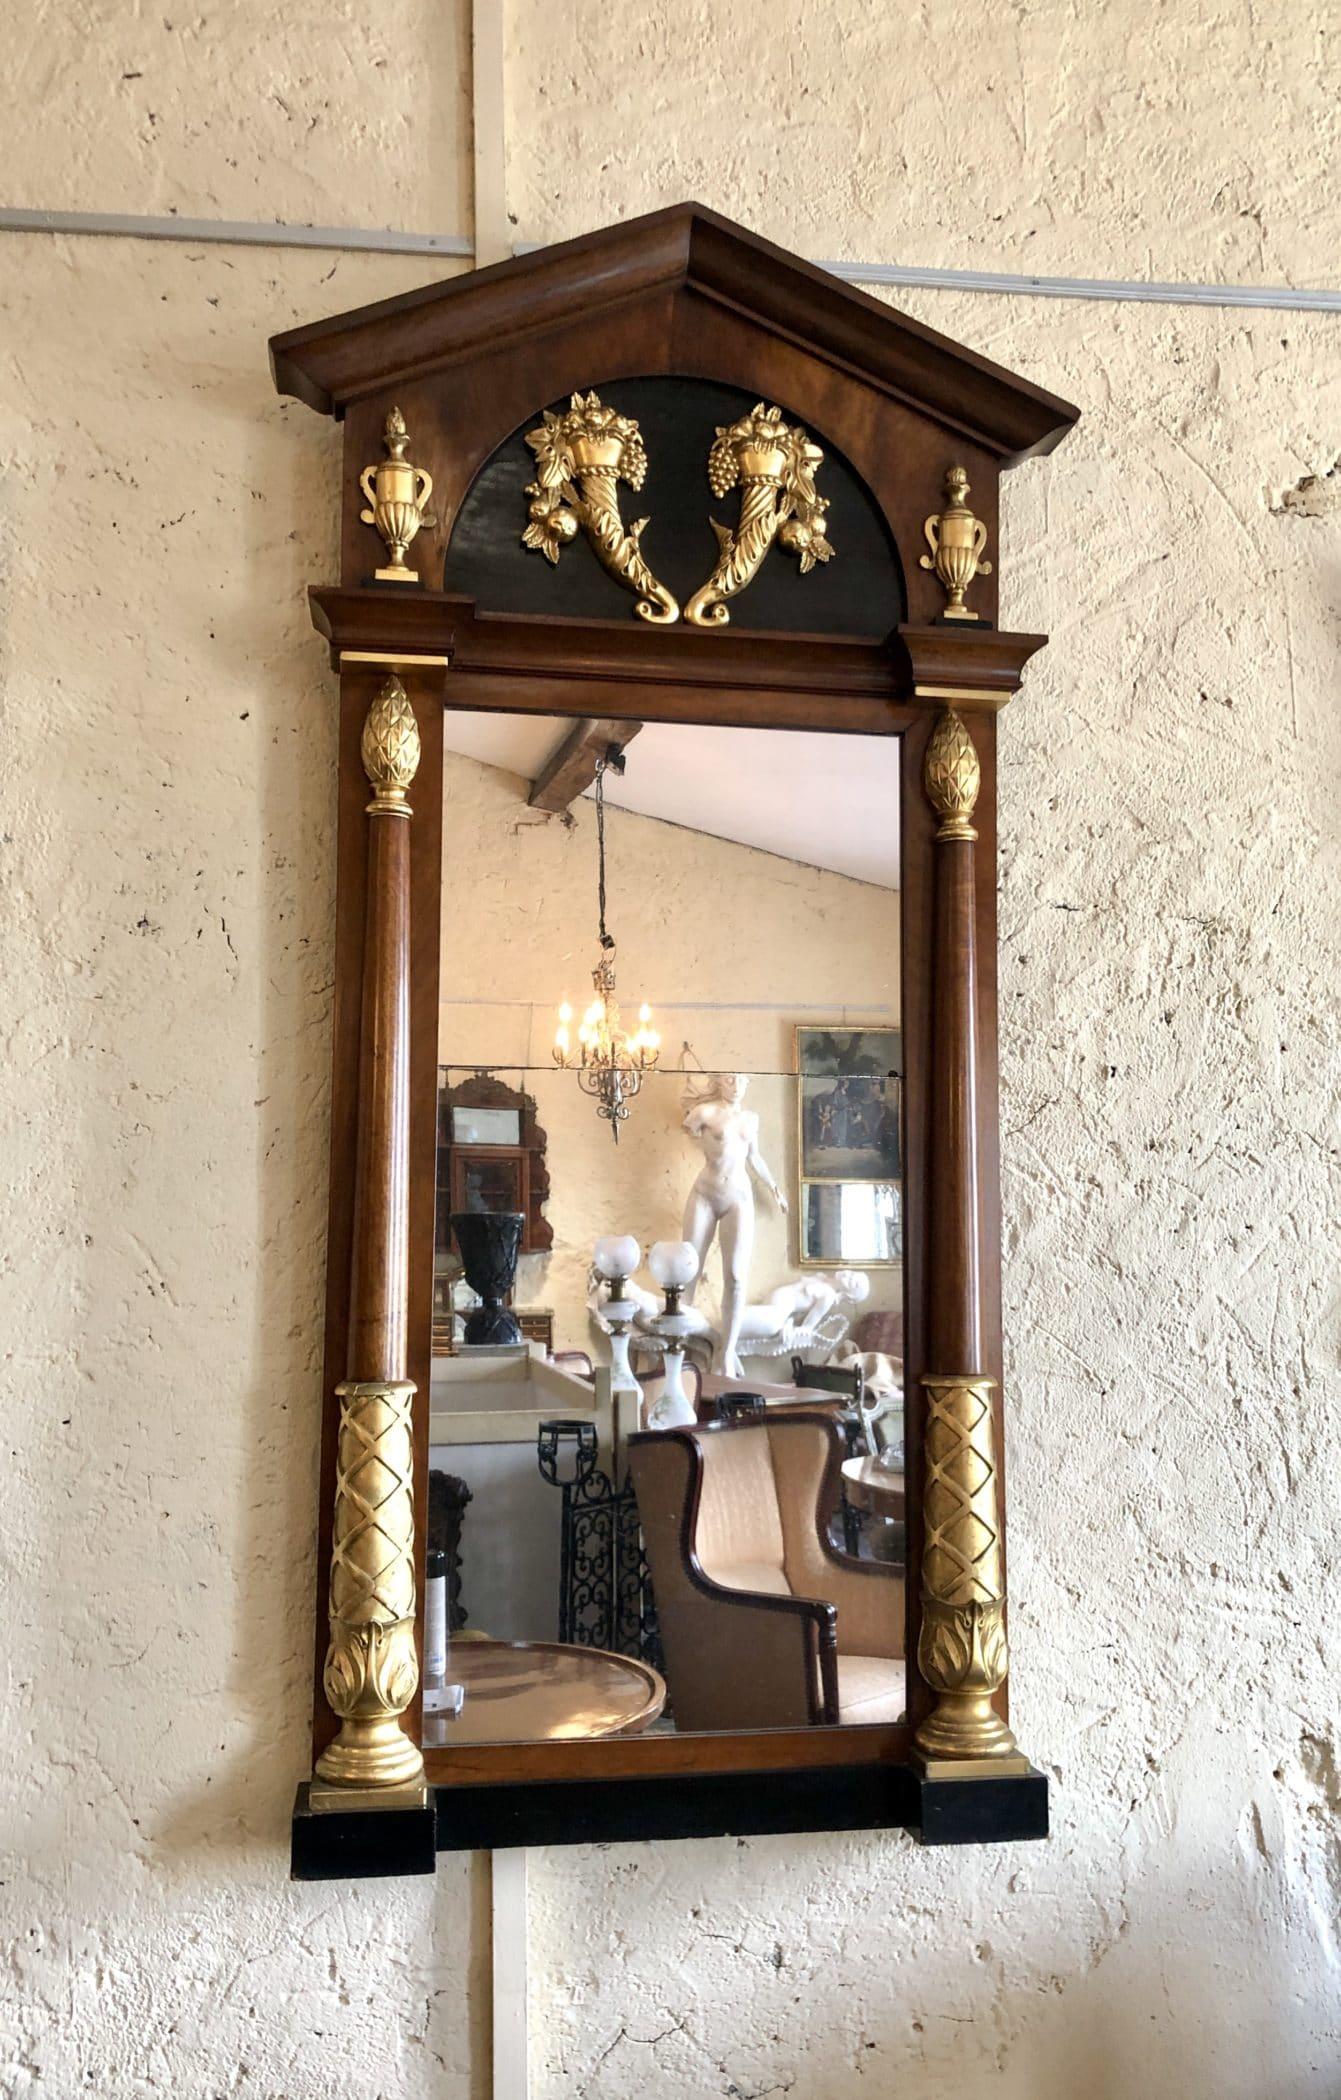 Miroir russe de style néoclassique. Époque Empire, XIXe siècle